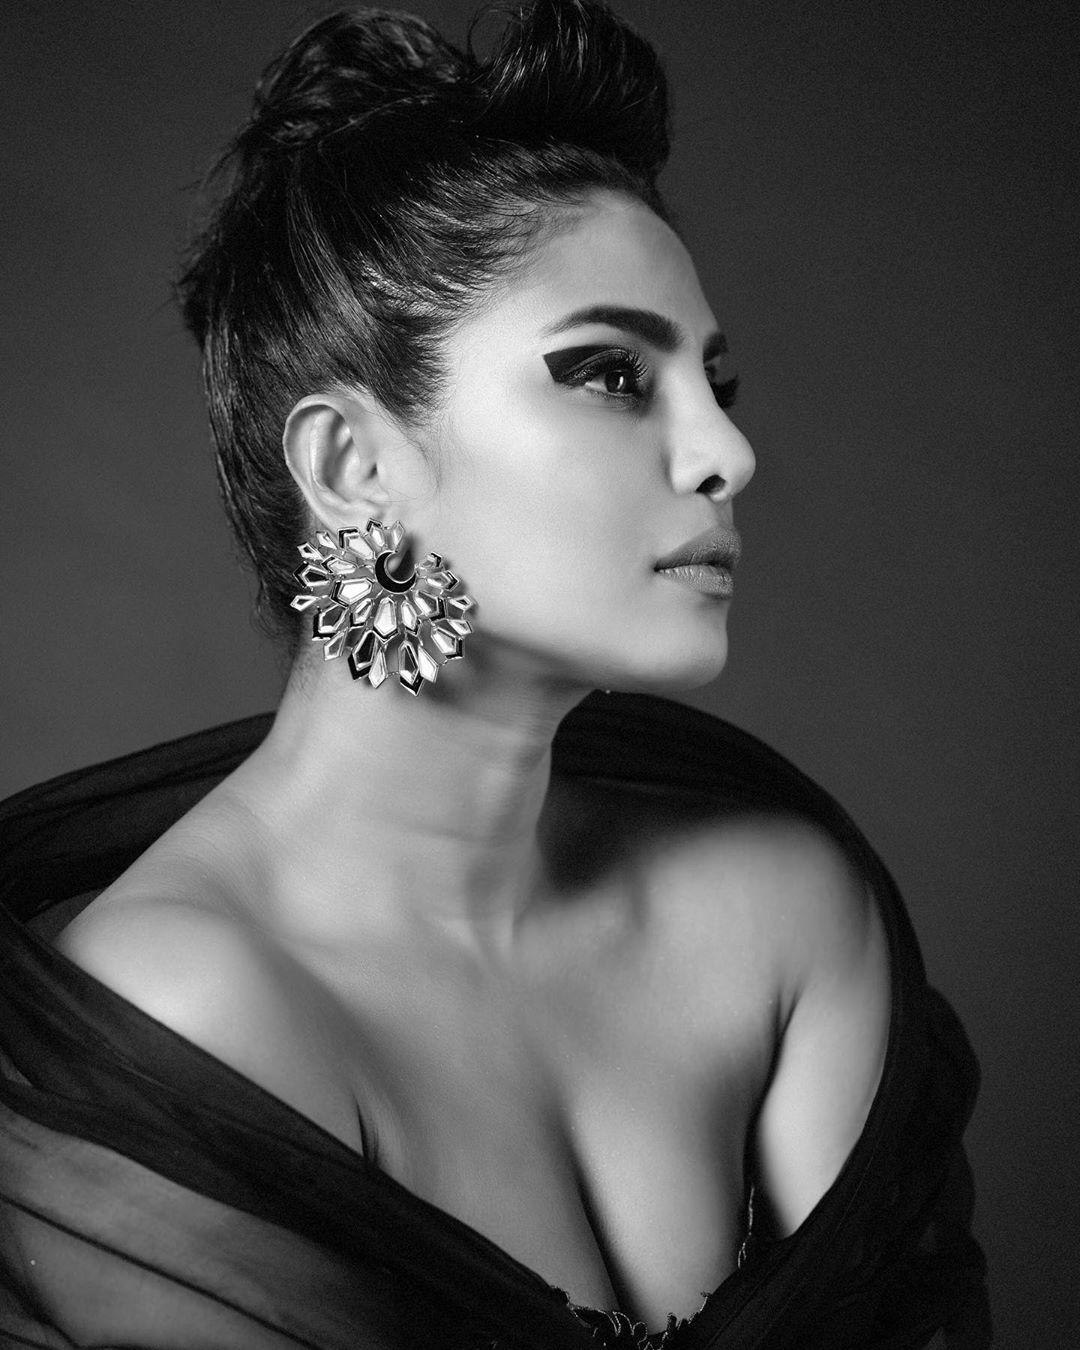 ప్రియాంక చోప్రా లేటెస్ట్ ఫోటోస్.. Photo : Instagram/priyankachopra